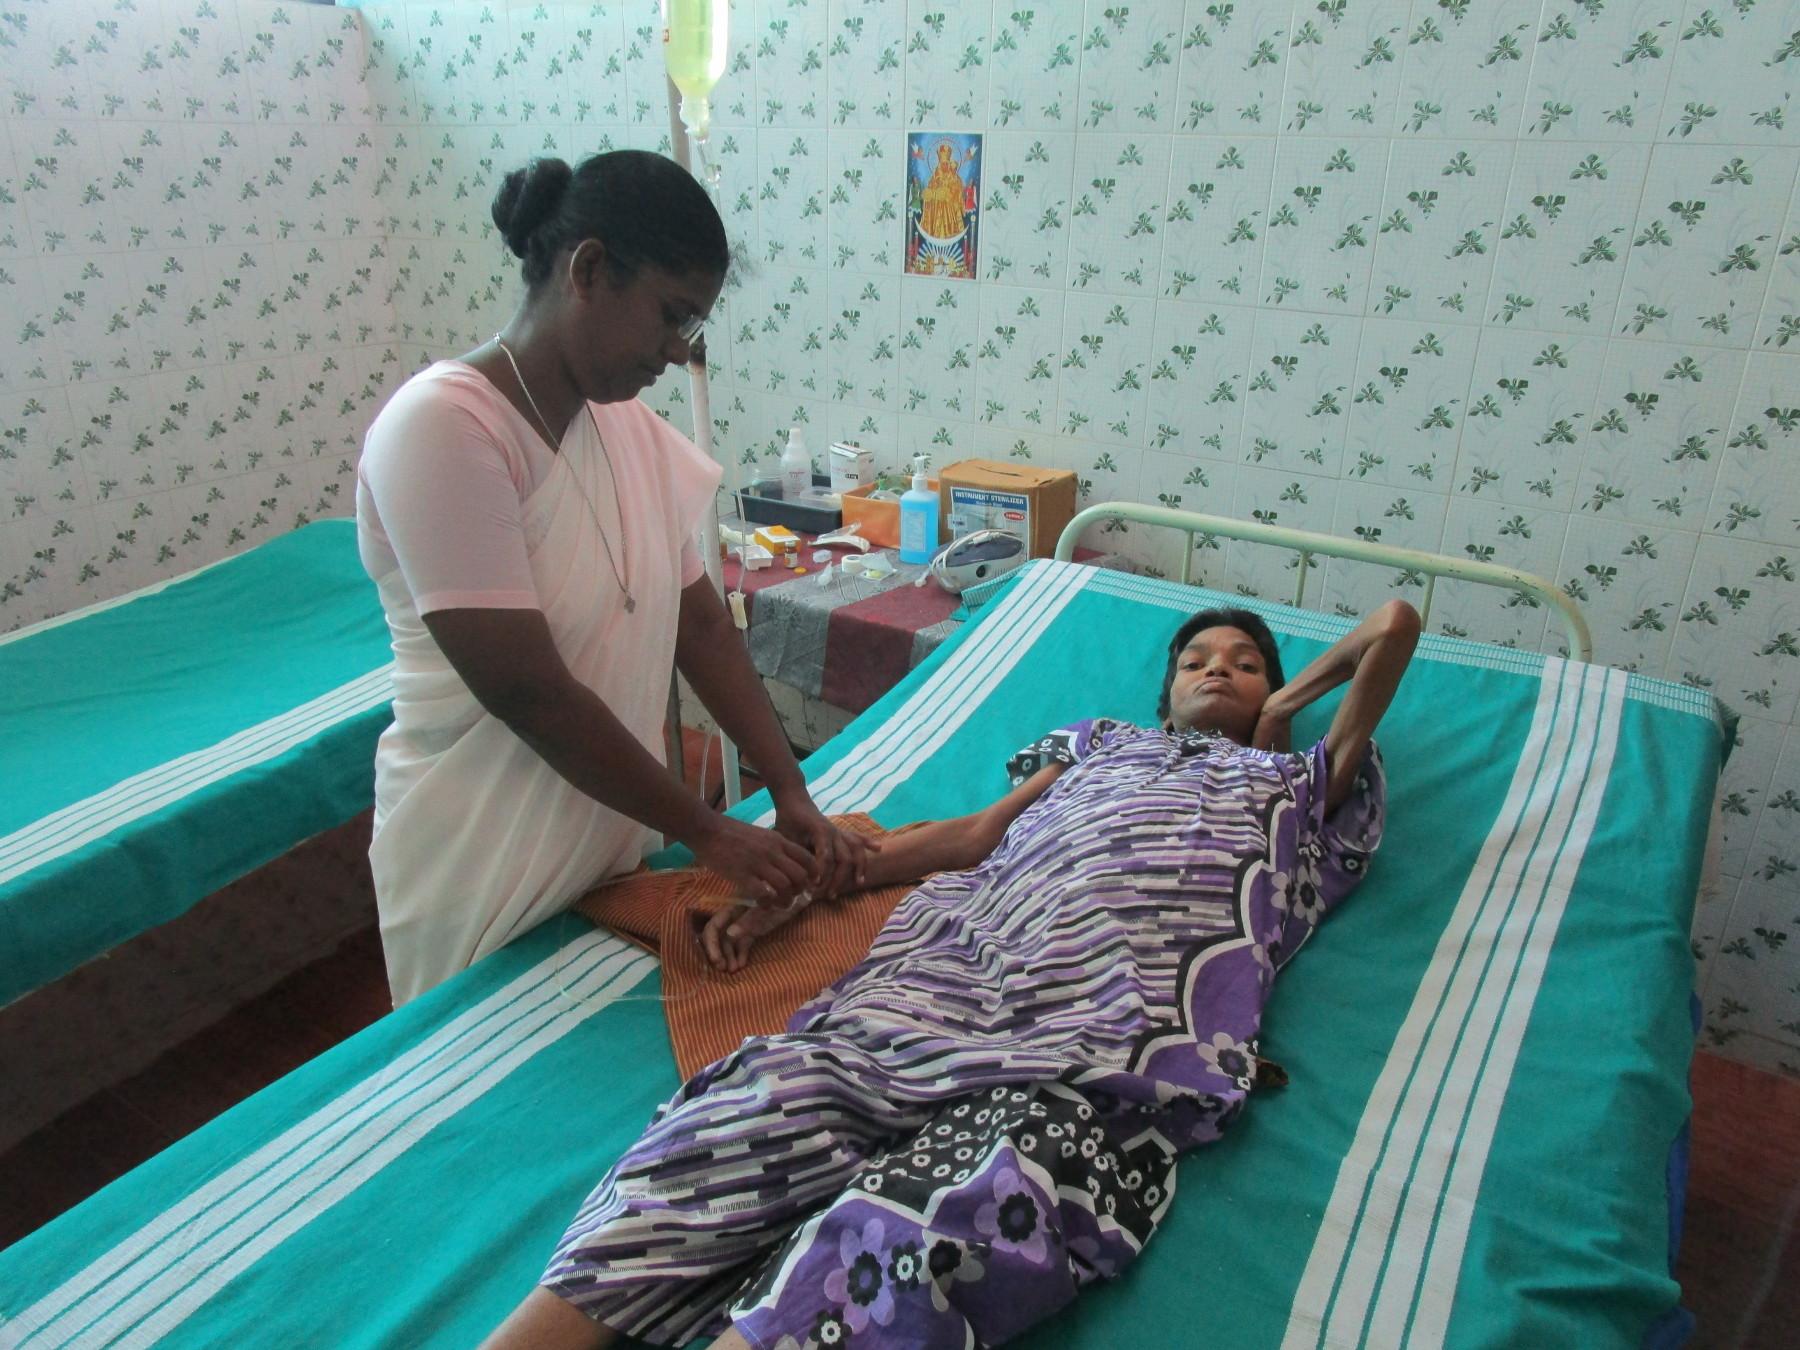 Sr. Arul Kala Royappan treating the patient at Nagle Health Centre, Morai